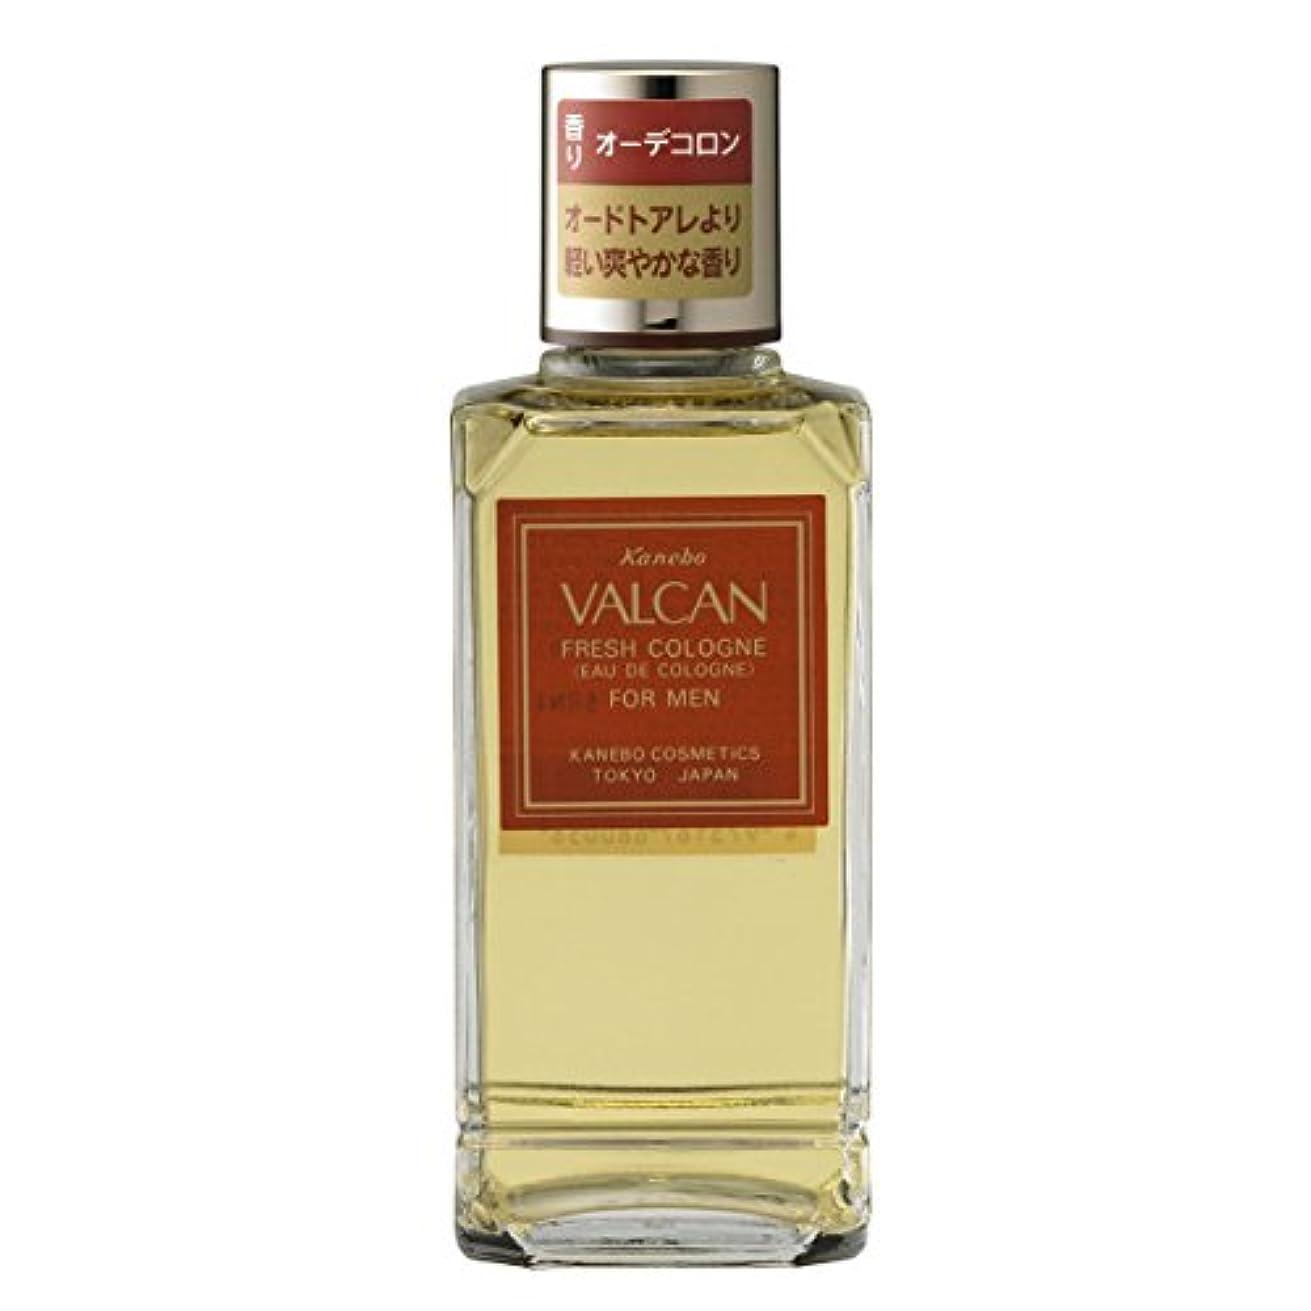 テザー香り効能あるバルカン フレッシュコロン オ-デコロン 男性用 180mL